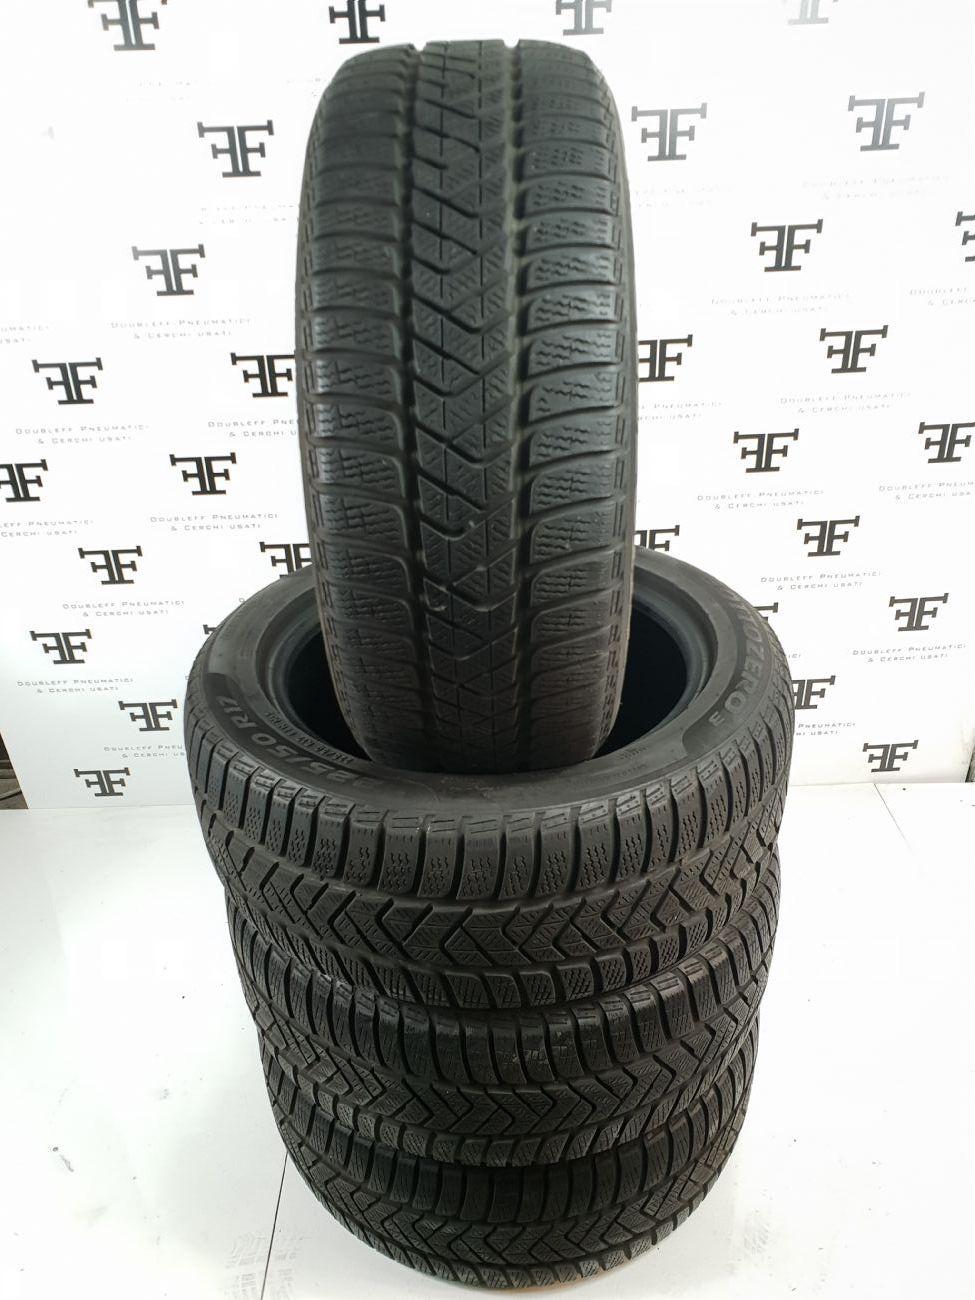 pneumatici 225 50 r17 94 h pirelli winter sottozero 3. Black Bedroom Furniture Sets. Home Design Ideas